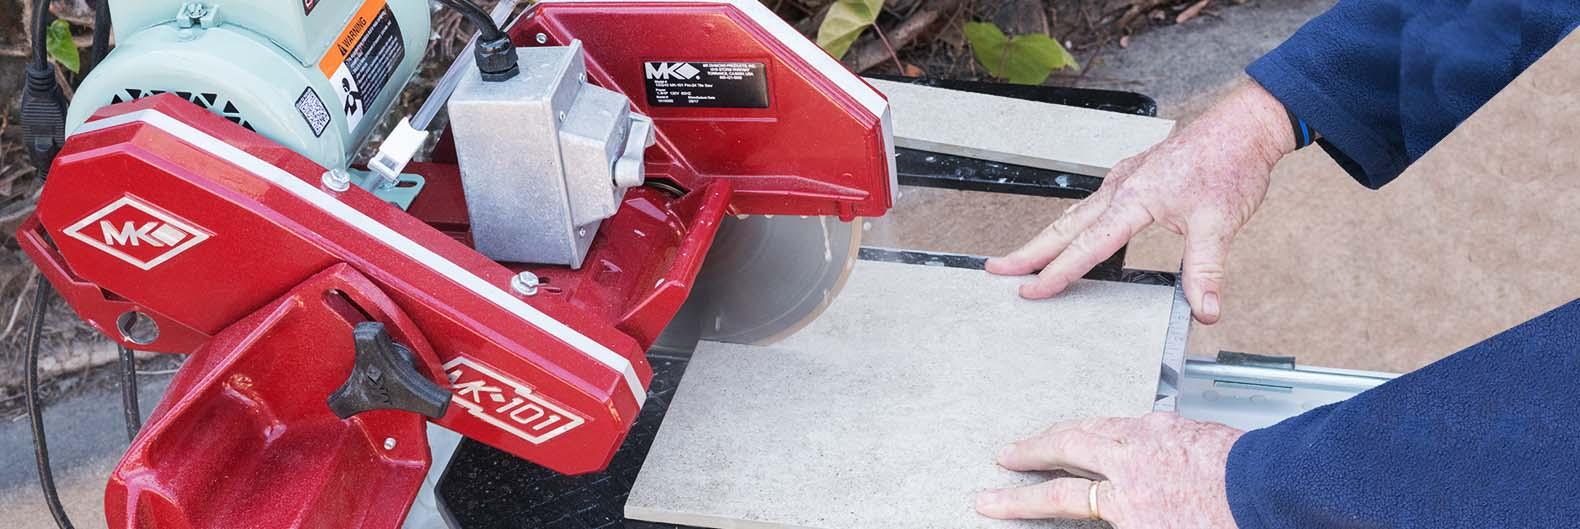 mk diamond saw parts tile concrete